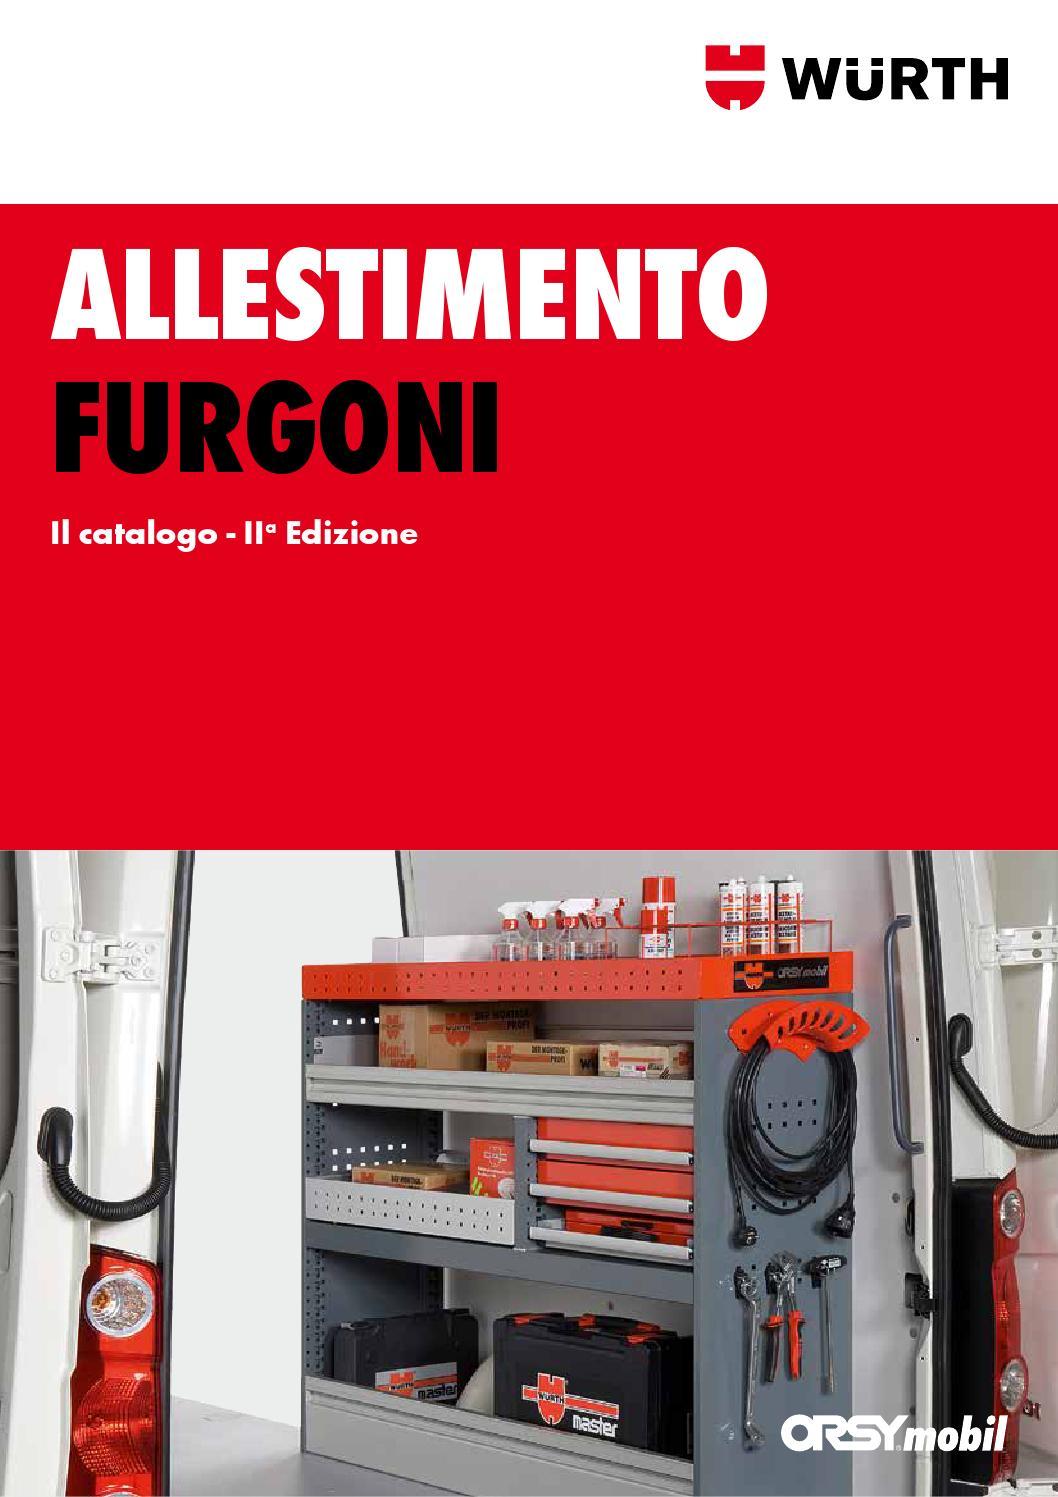 allestimento furgoni w rth by w rth italia issuu